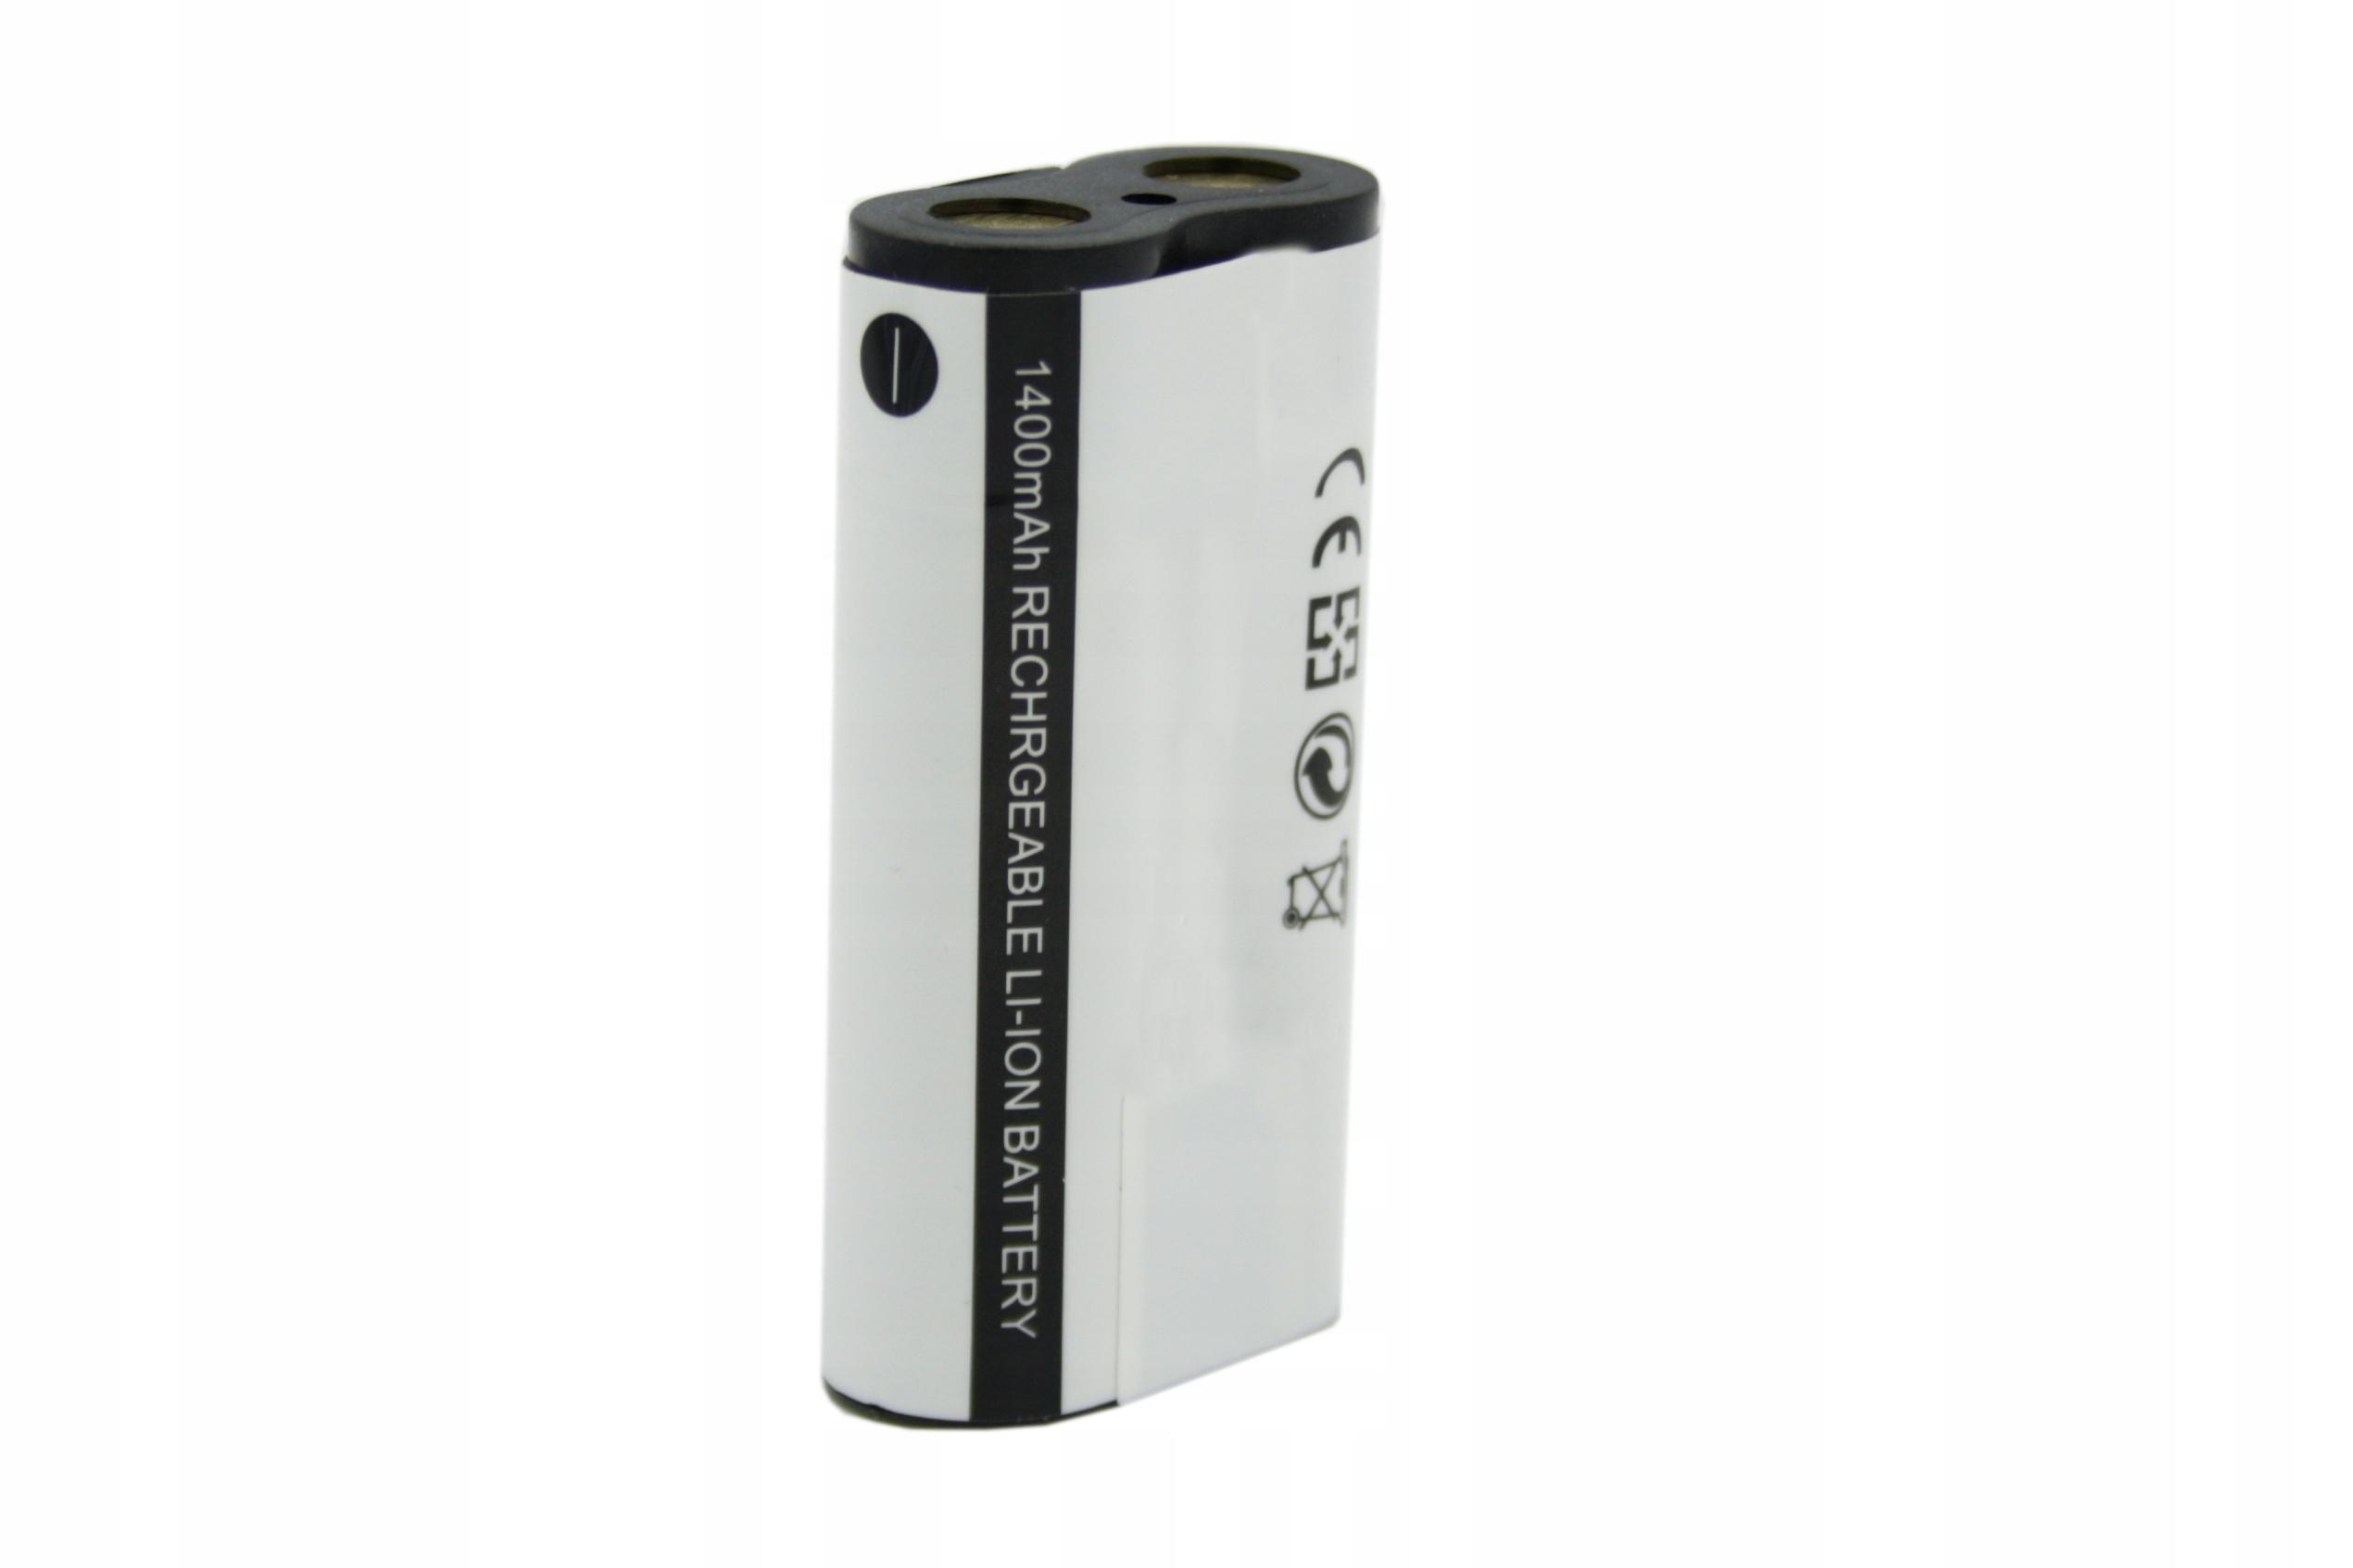 BATERIA AKUMULATOR KODAK CRV3 Z650 Z663 Z700 Z740 - Baterie do aparatów cyfrowych